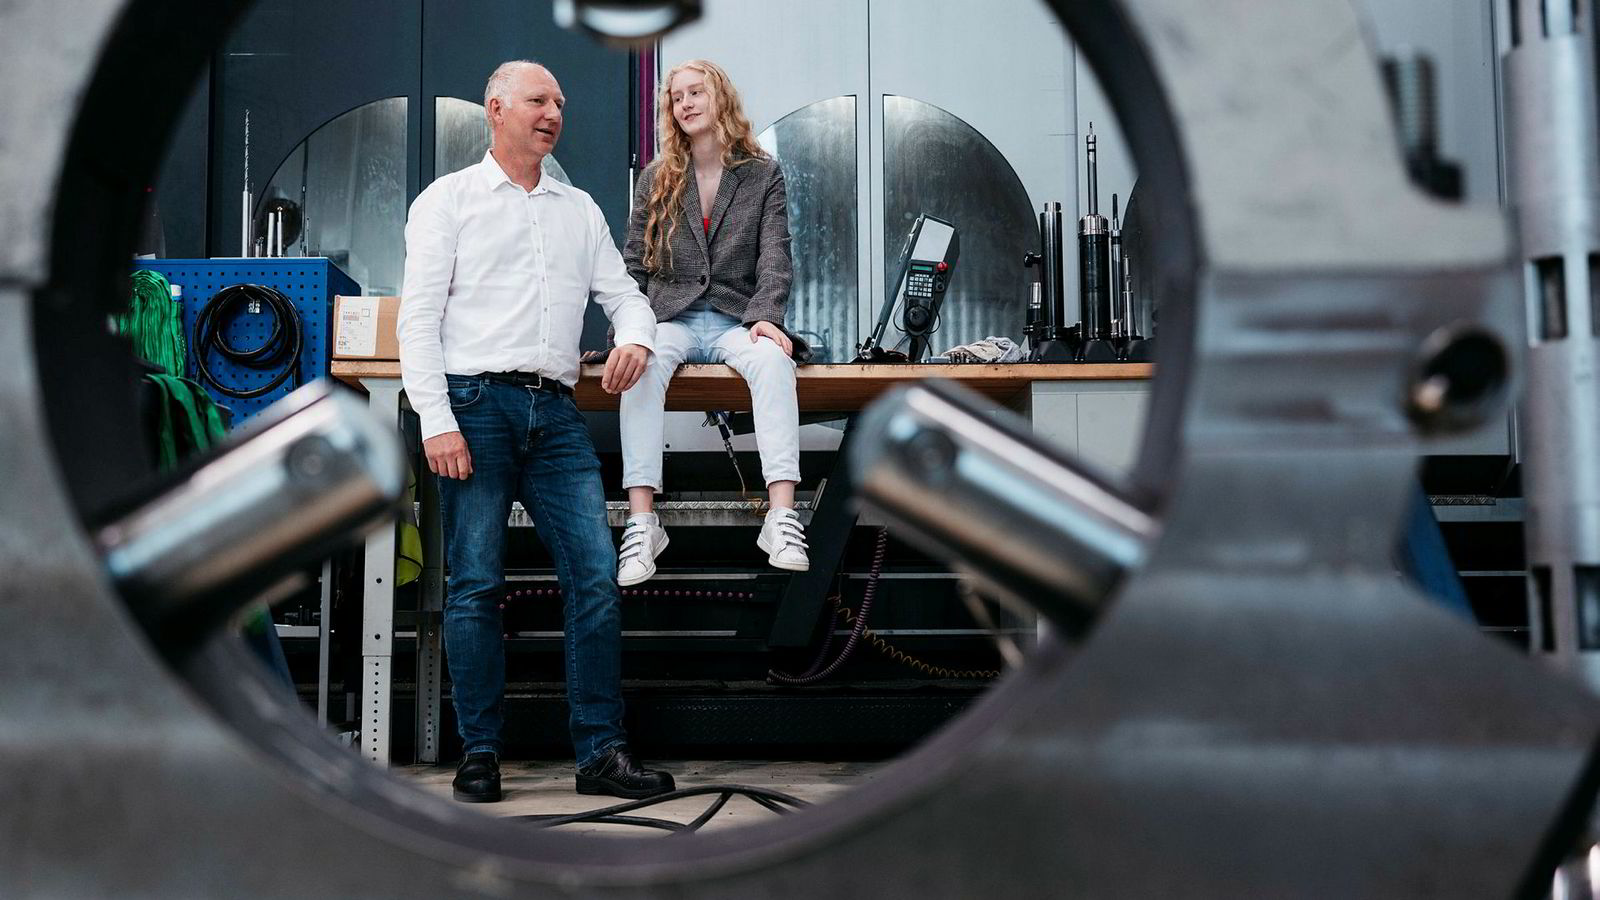 Oljeservicegründer Tor Ole Talgø (54) mener han har forsøkt å oppmuntre datteren Lene Talgø (18) til å ha egne meninger, selv om han er dypt uenig i flere av dem.